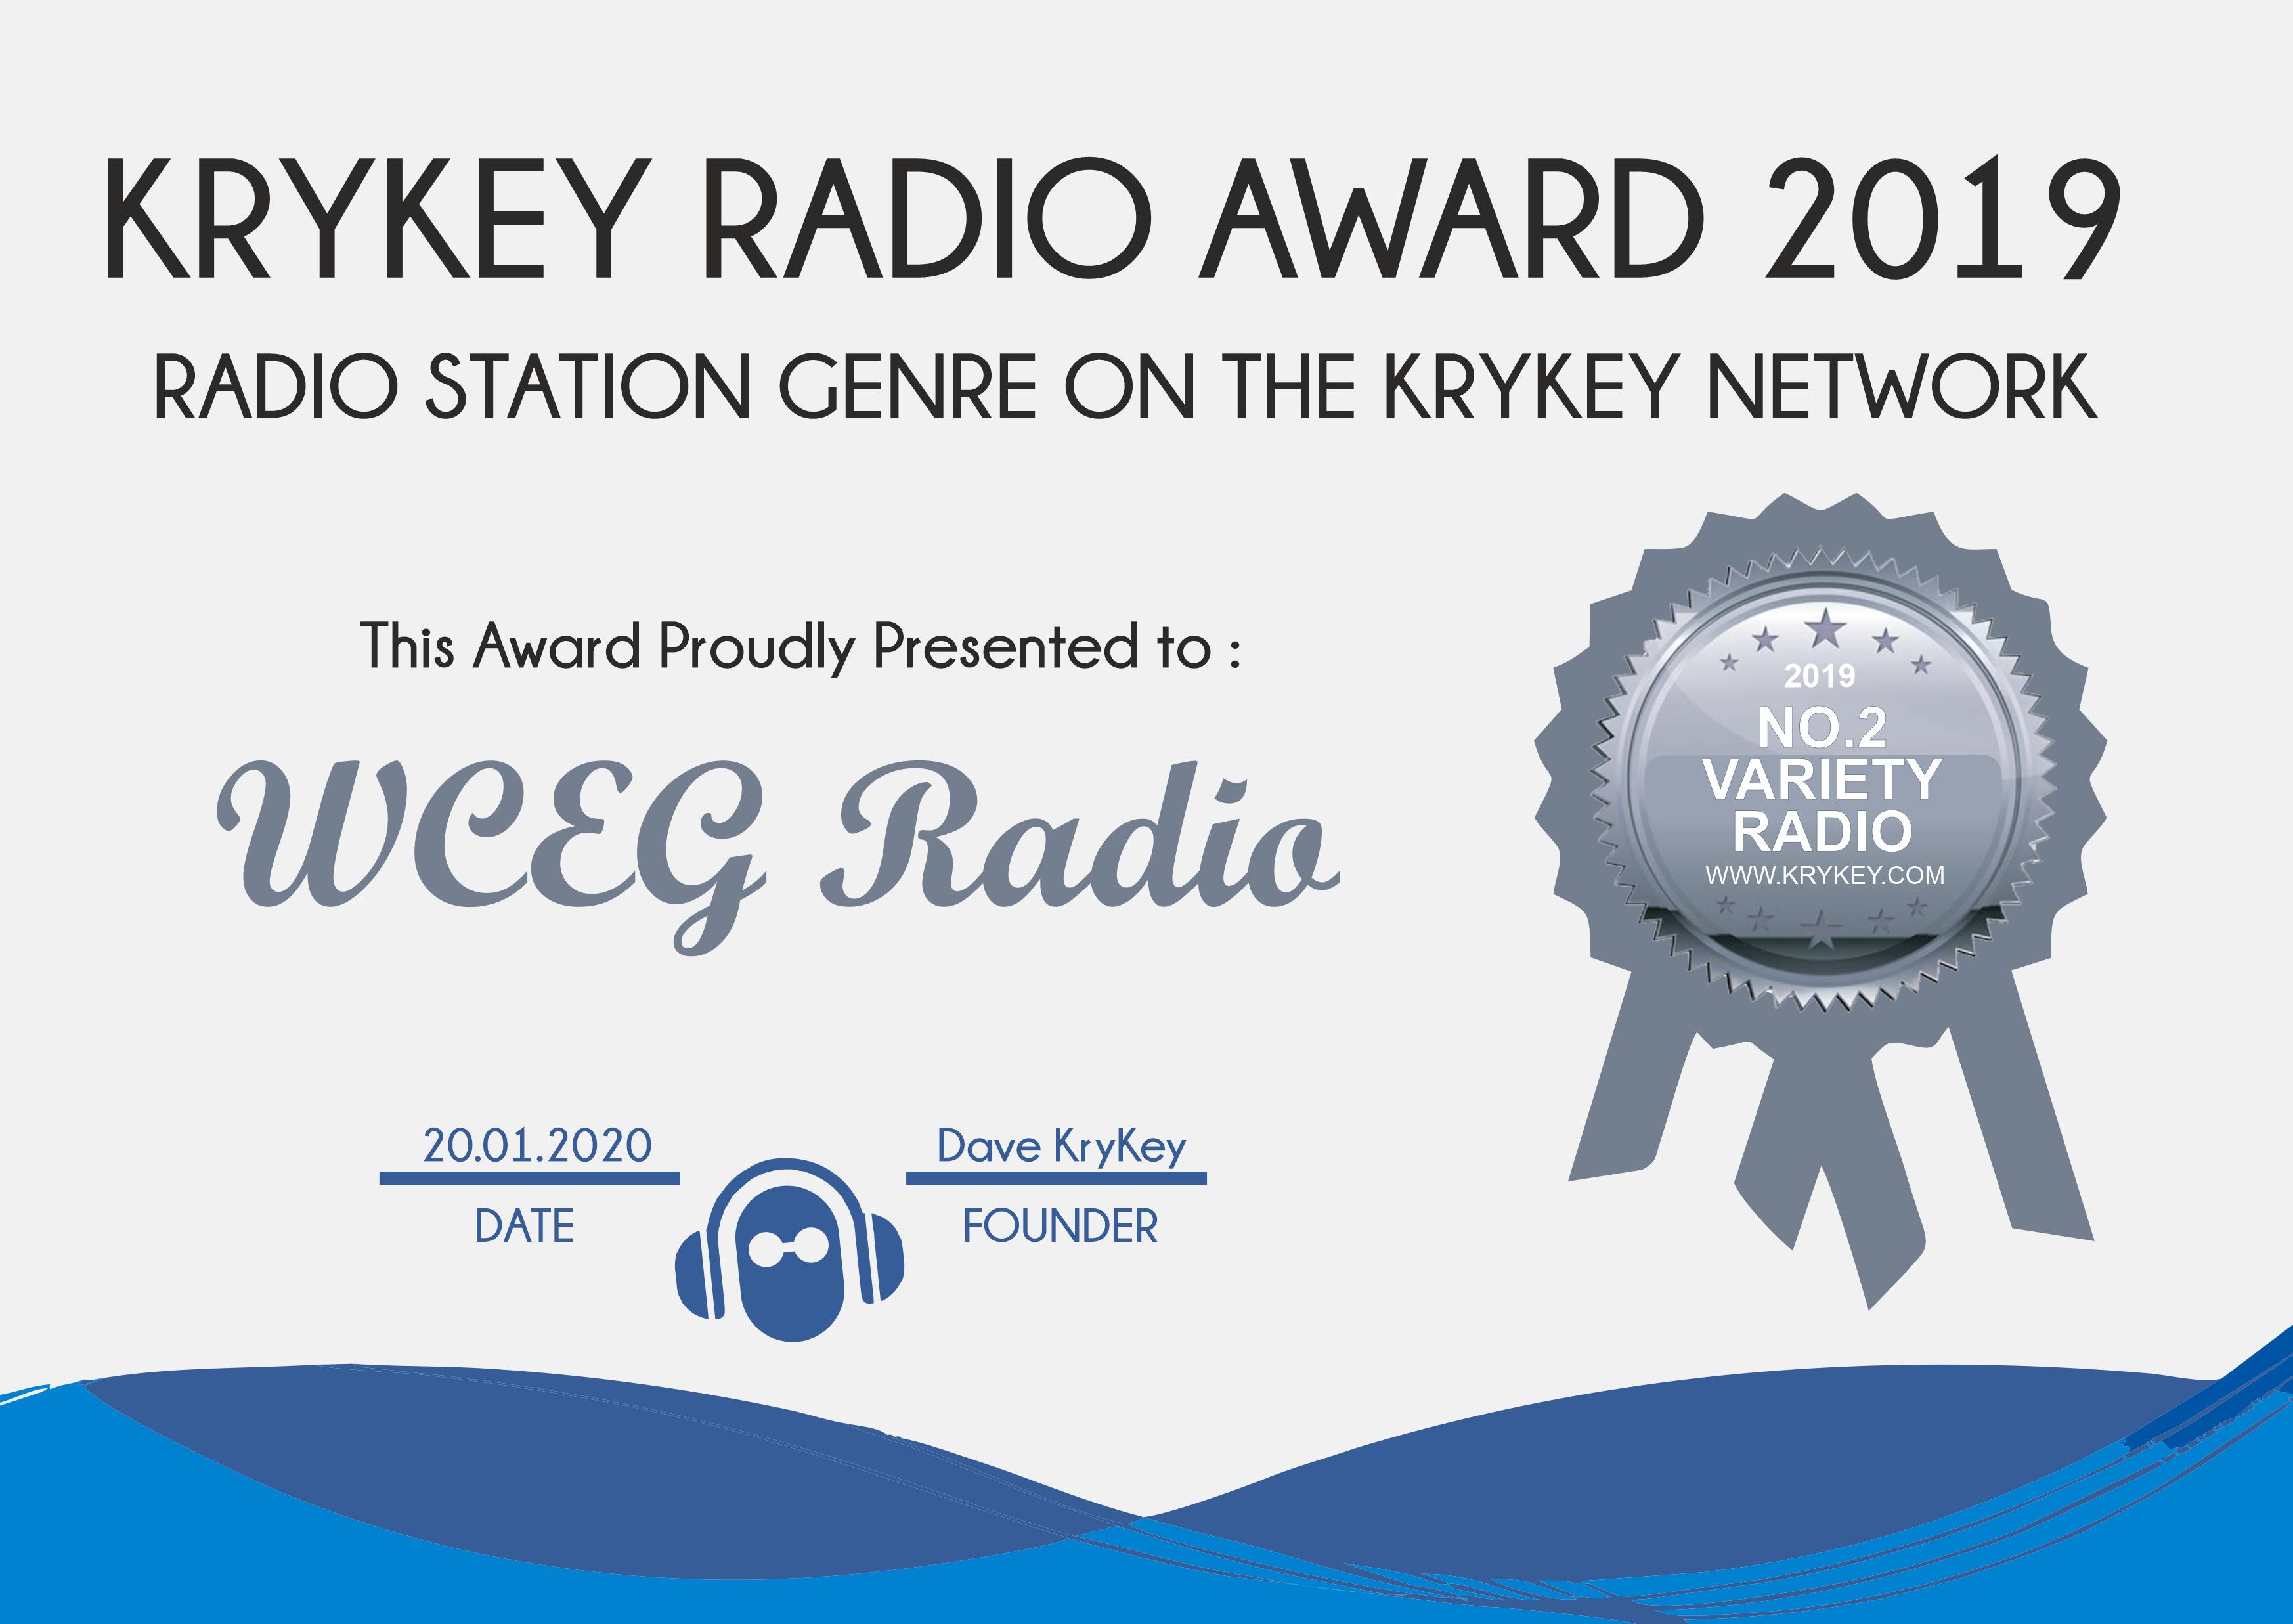 WCEG Radio